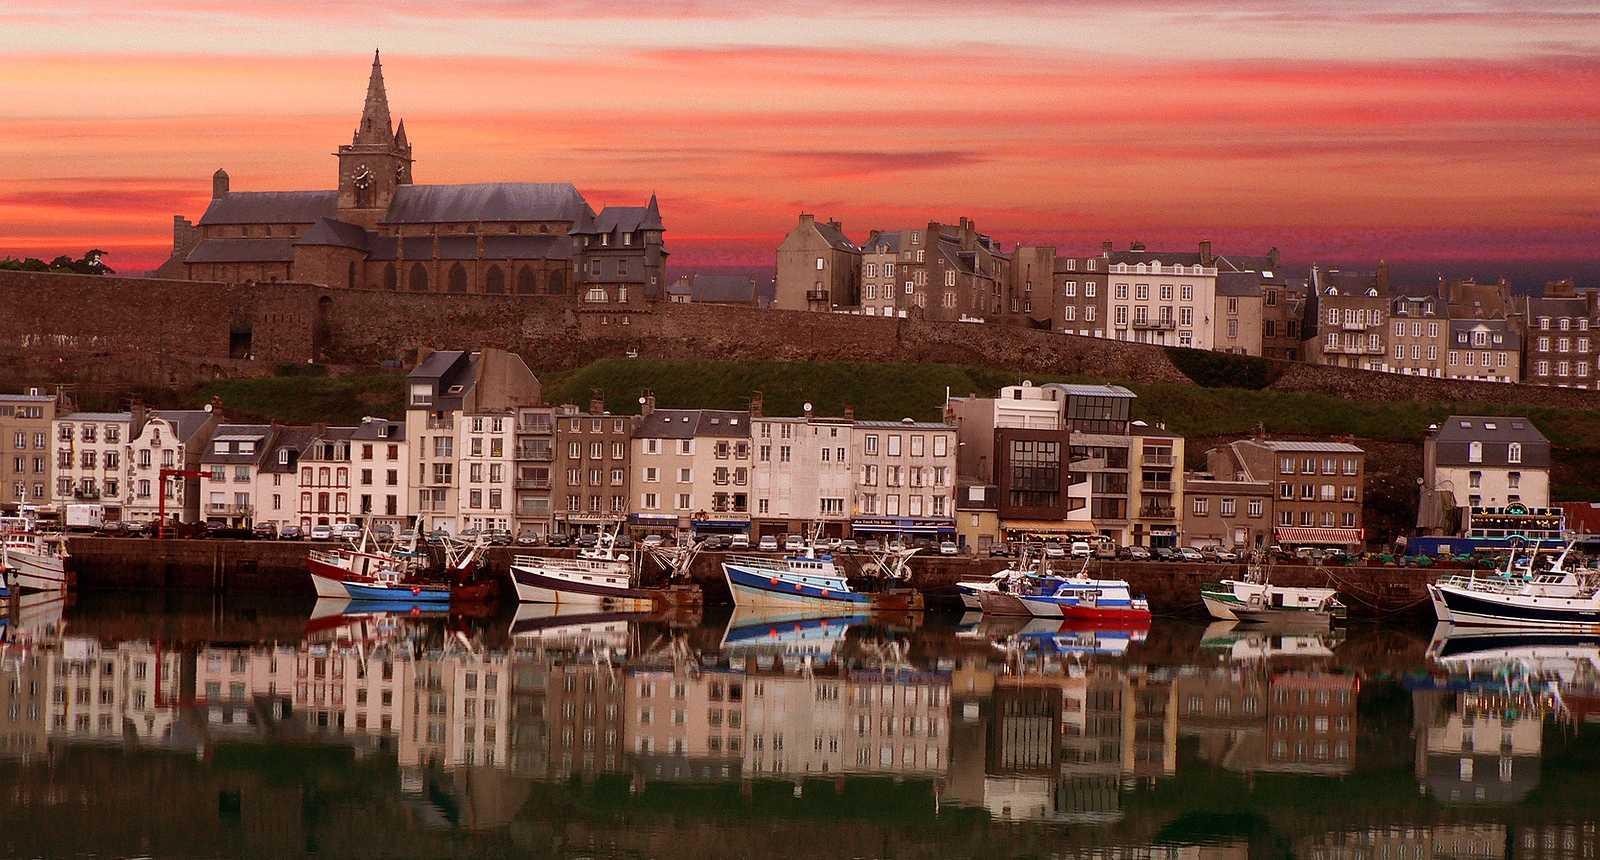 Guide de tourisme par commune granville 50 office de tourisme syndicat d 39 initiative - Office du tourisme de granville ...